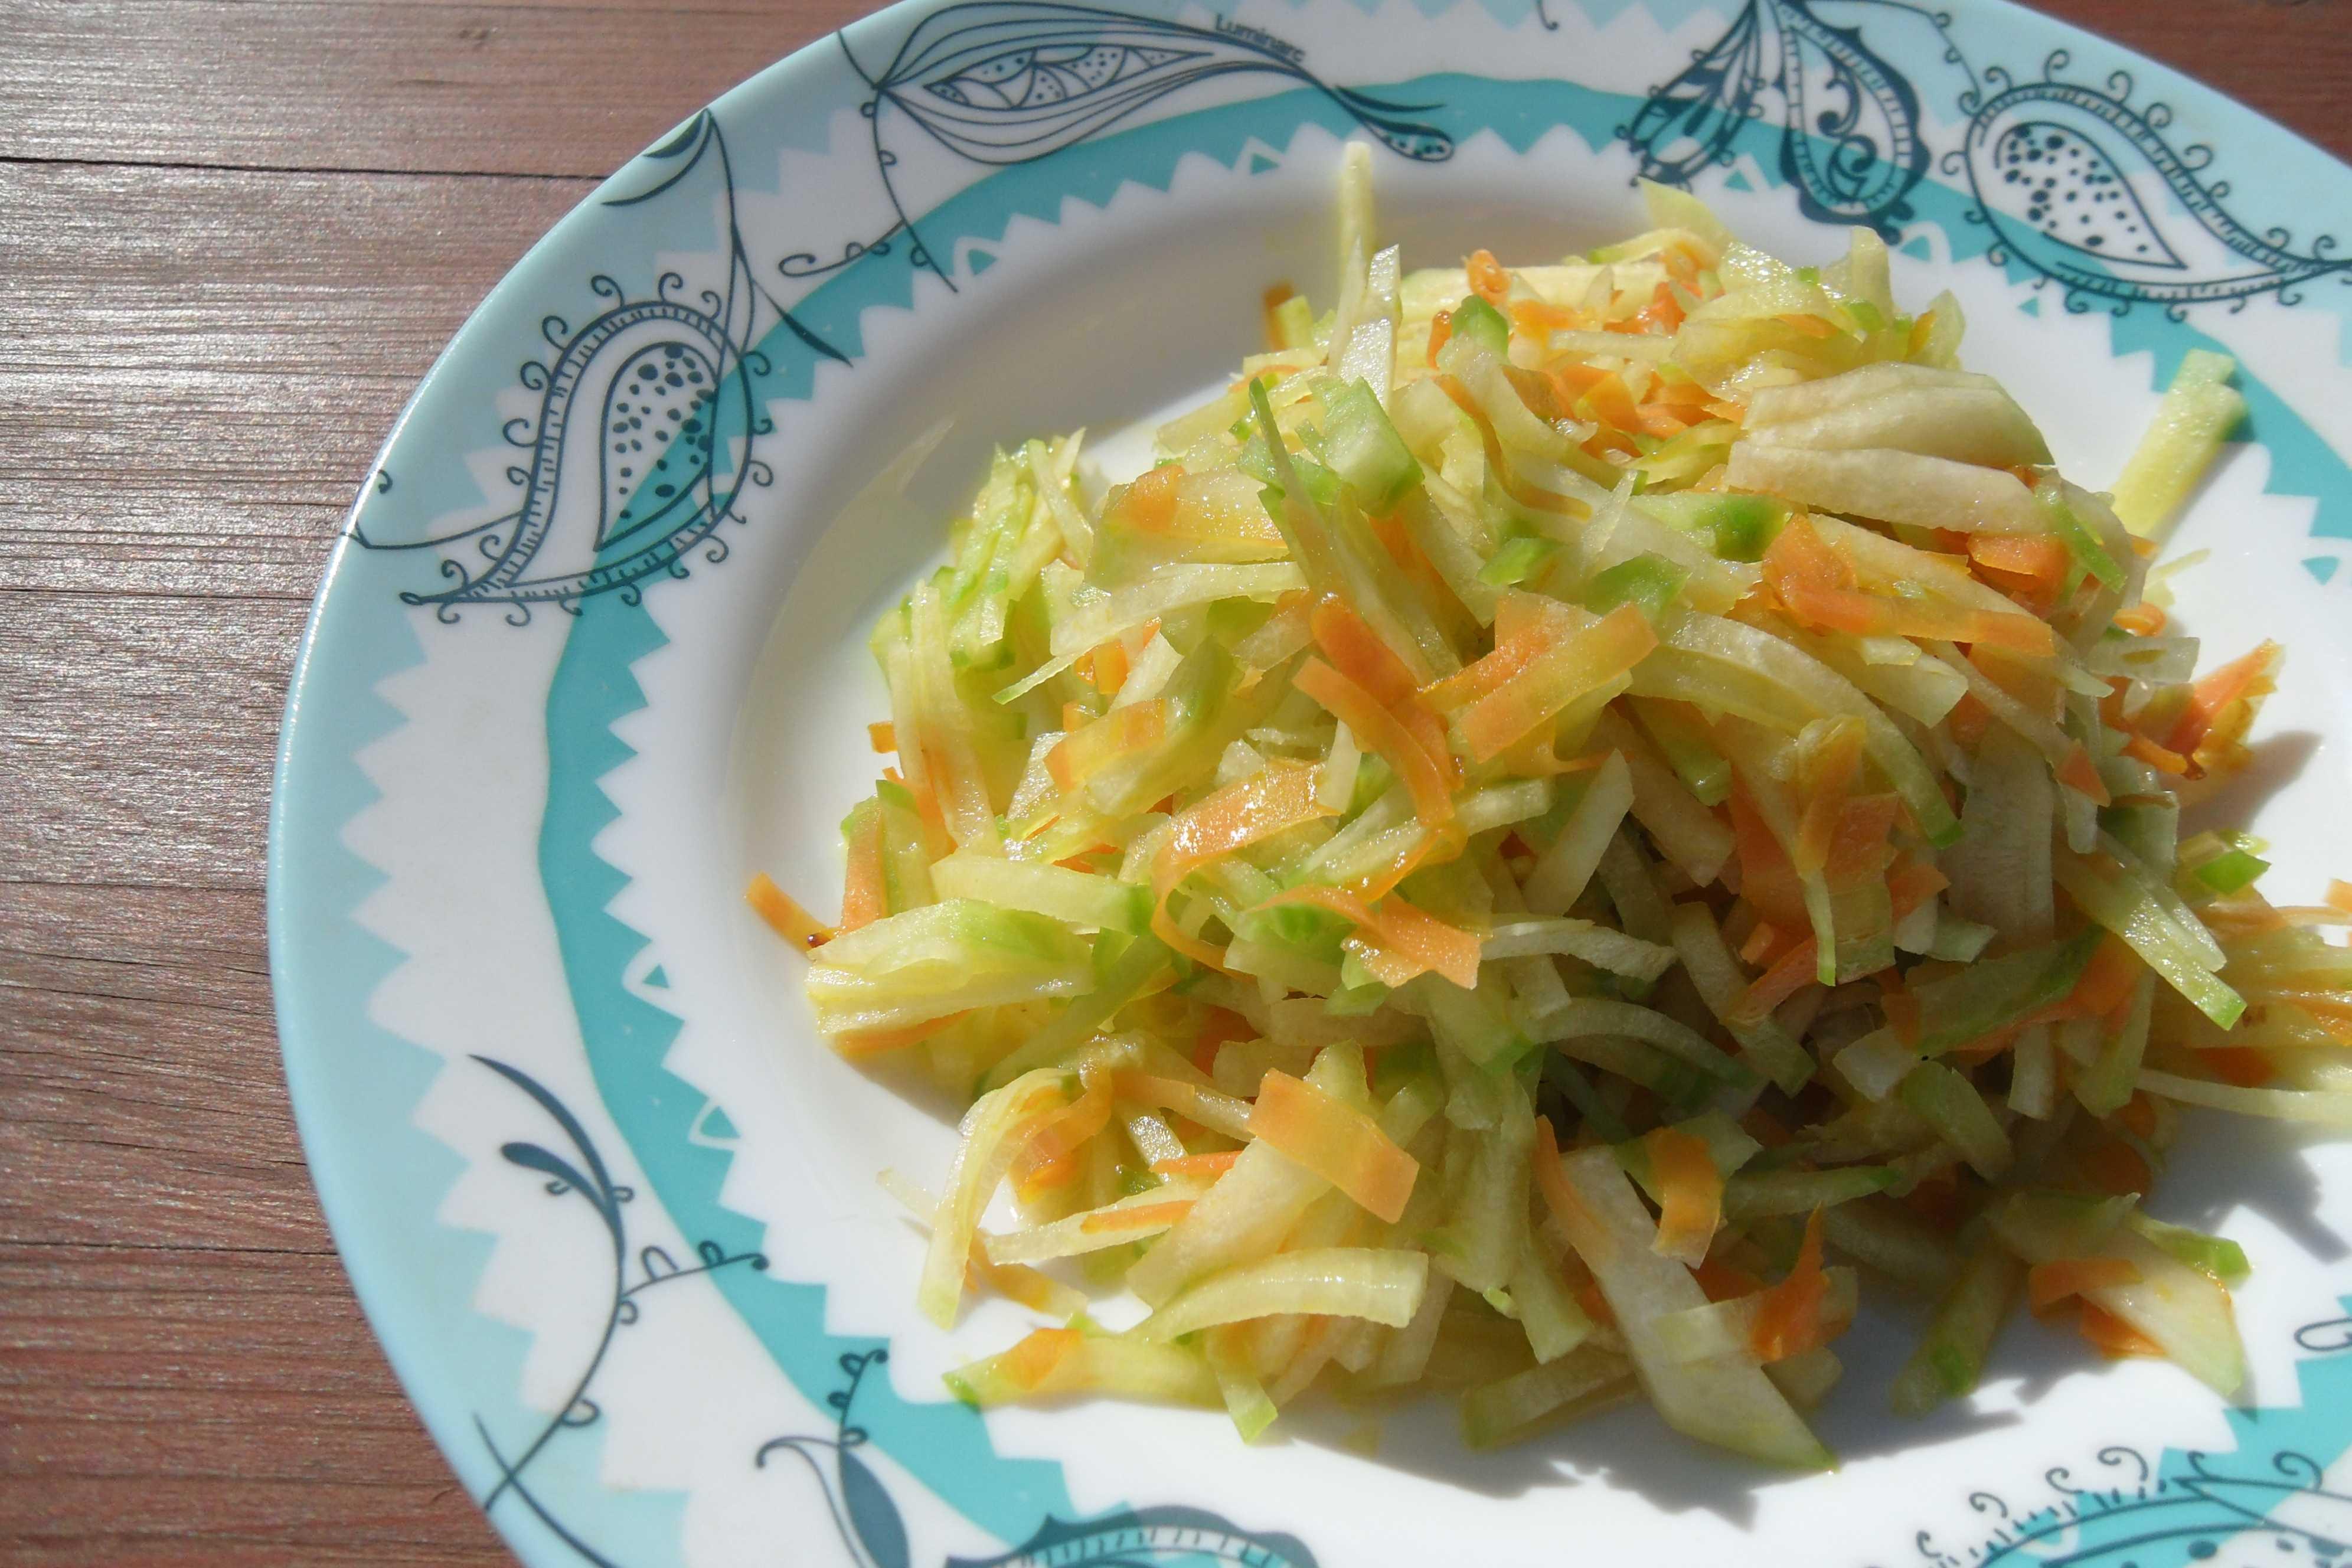 Салат Фитнес из редьки зеленой с морковью -  калорийность, похожие салаты, советы, пошаговые фото, комментарии, порядок приготовления, состав